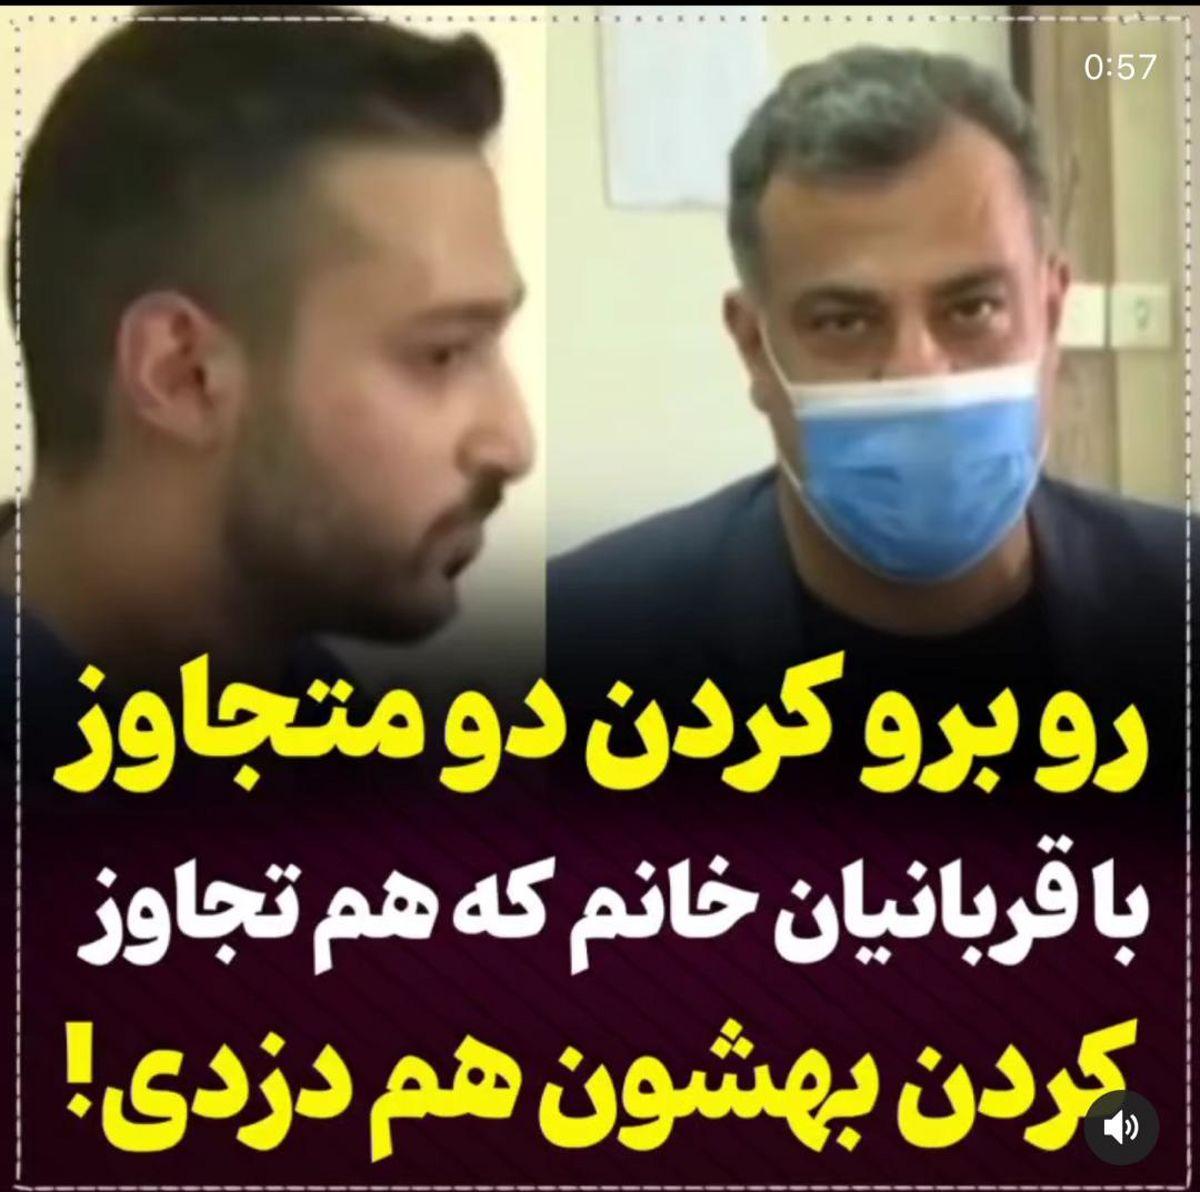 تجاوز جنسی وحشیانه دو مرد تهرانی به دختران   فیلم متجاوزگران